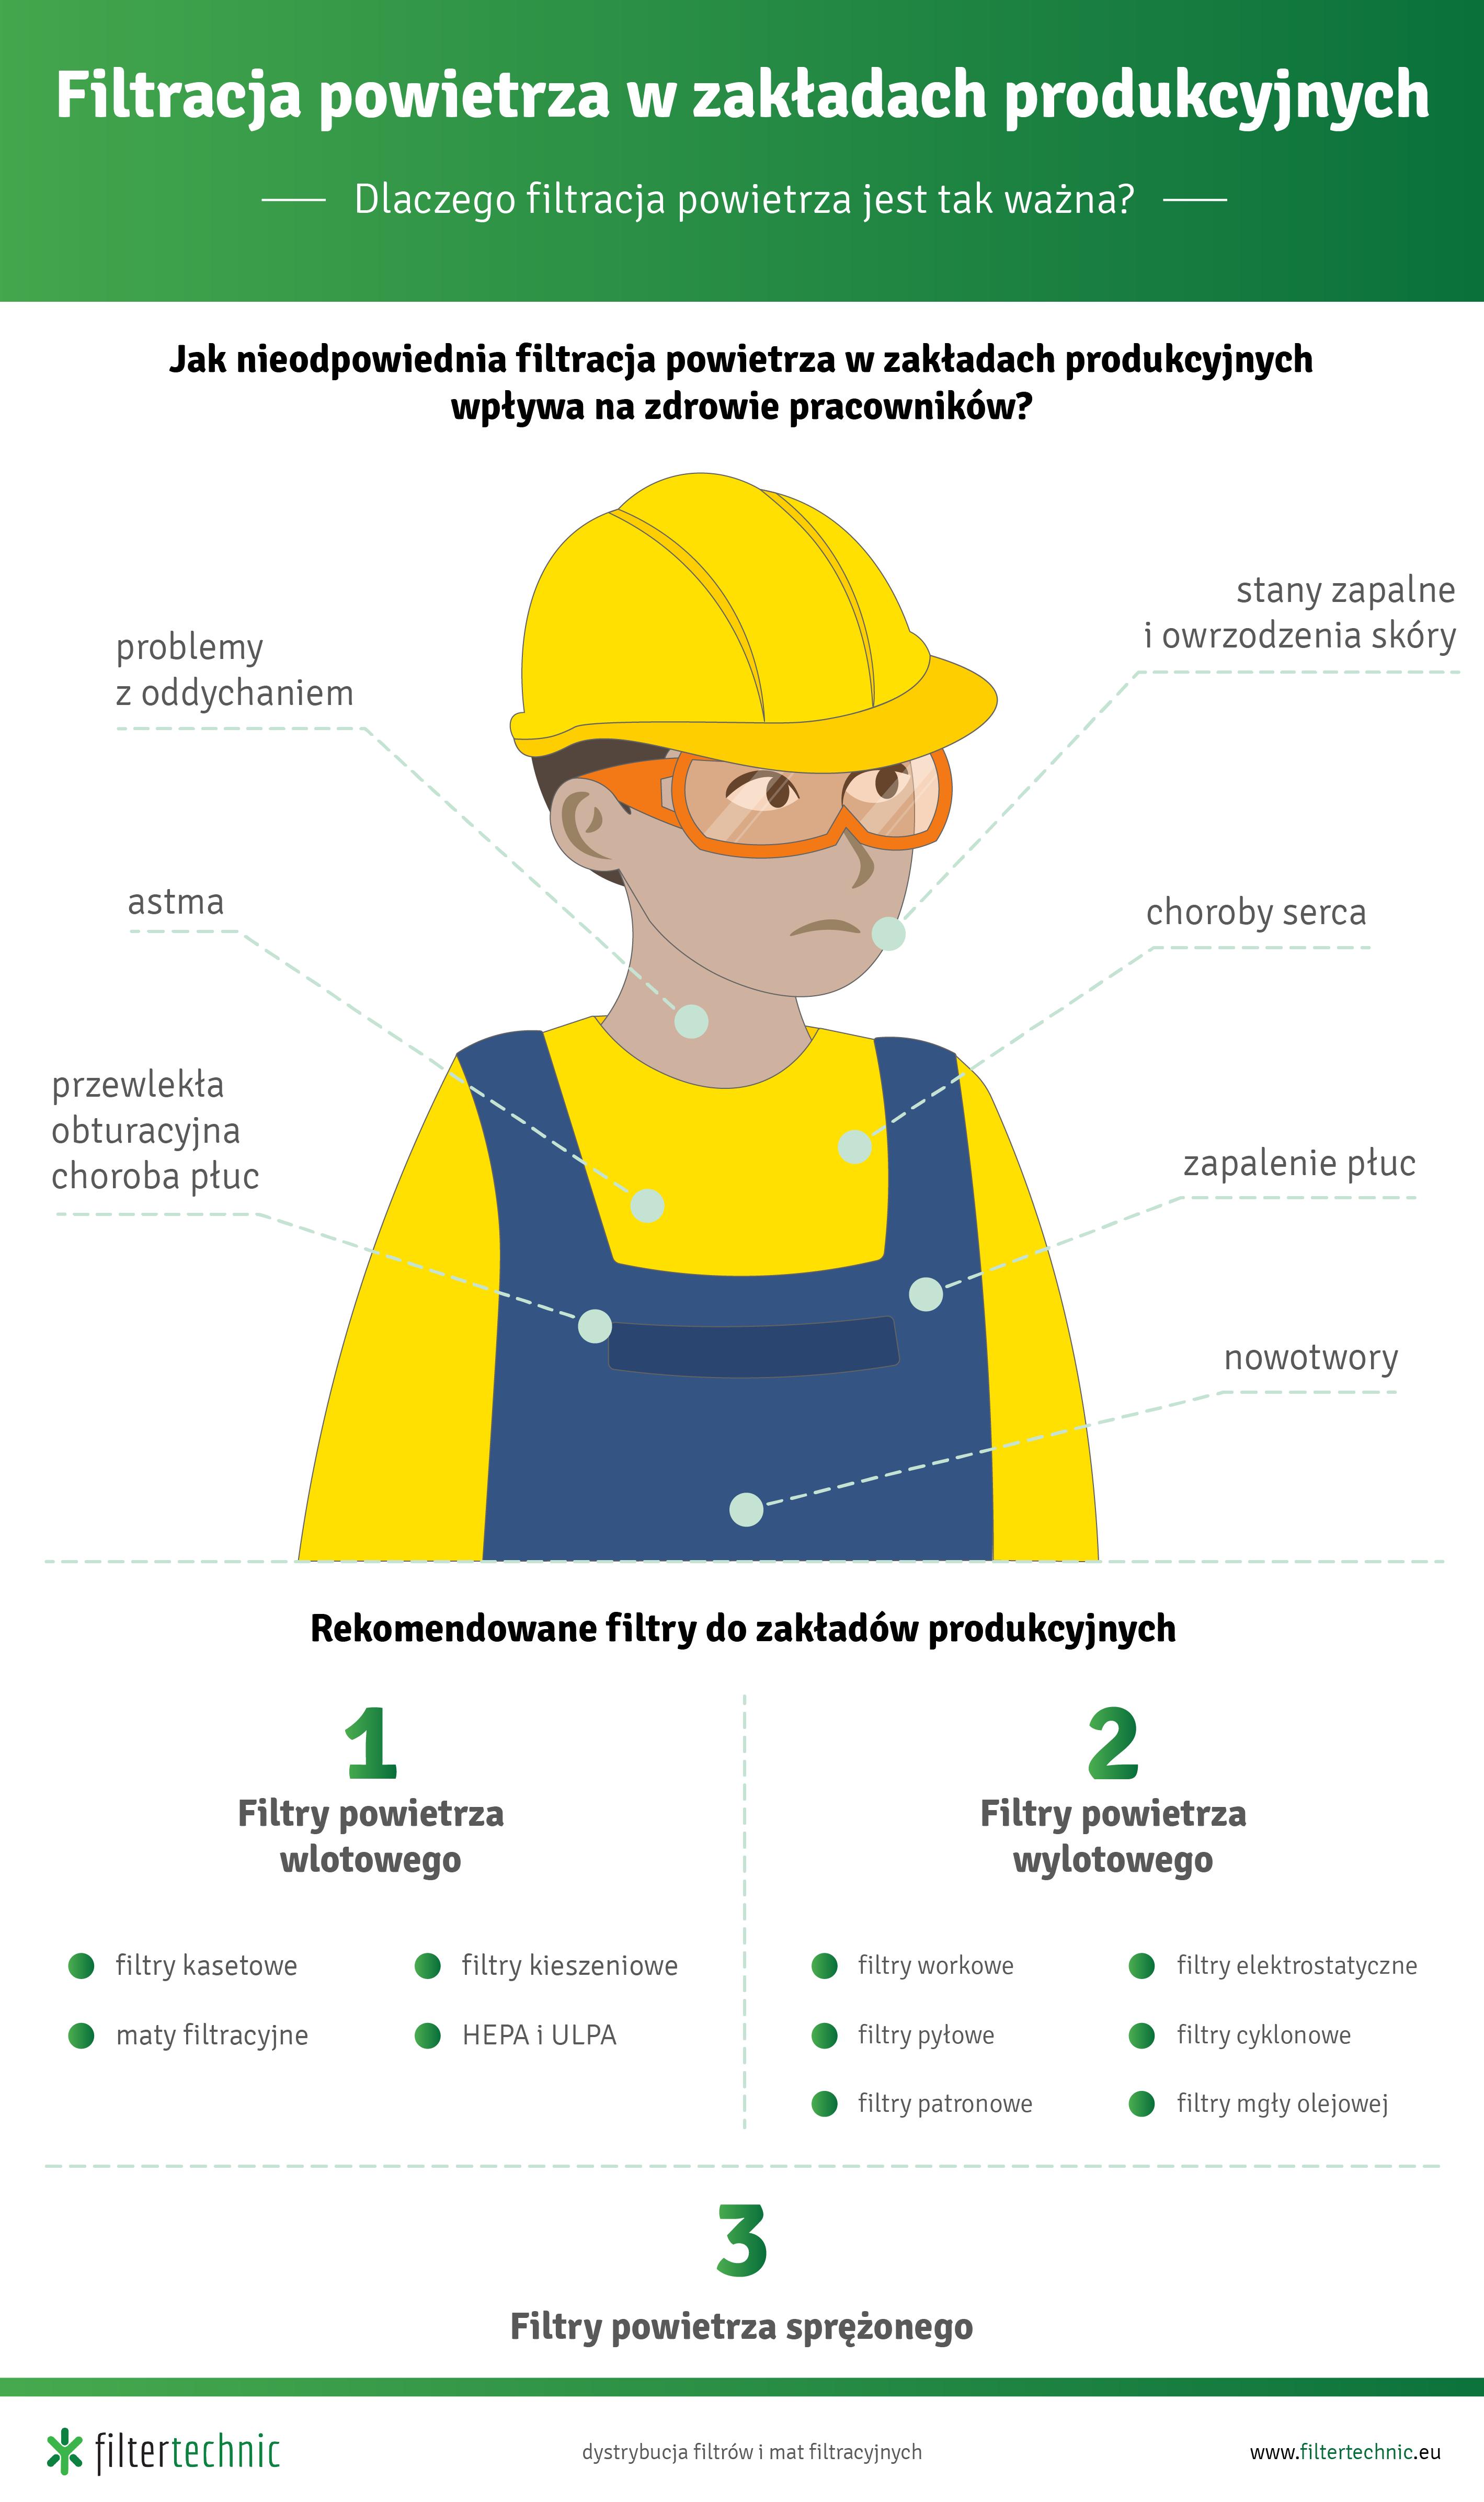 Infografika - Filtertechnic - filtracja powietrza w zakładach produkcyjnych